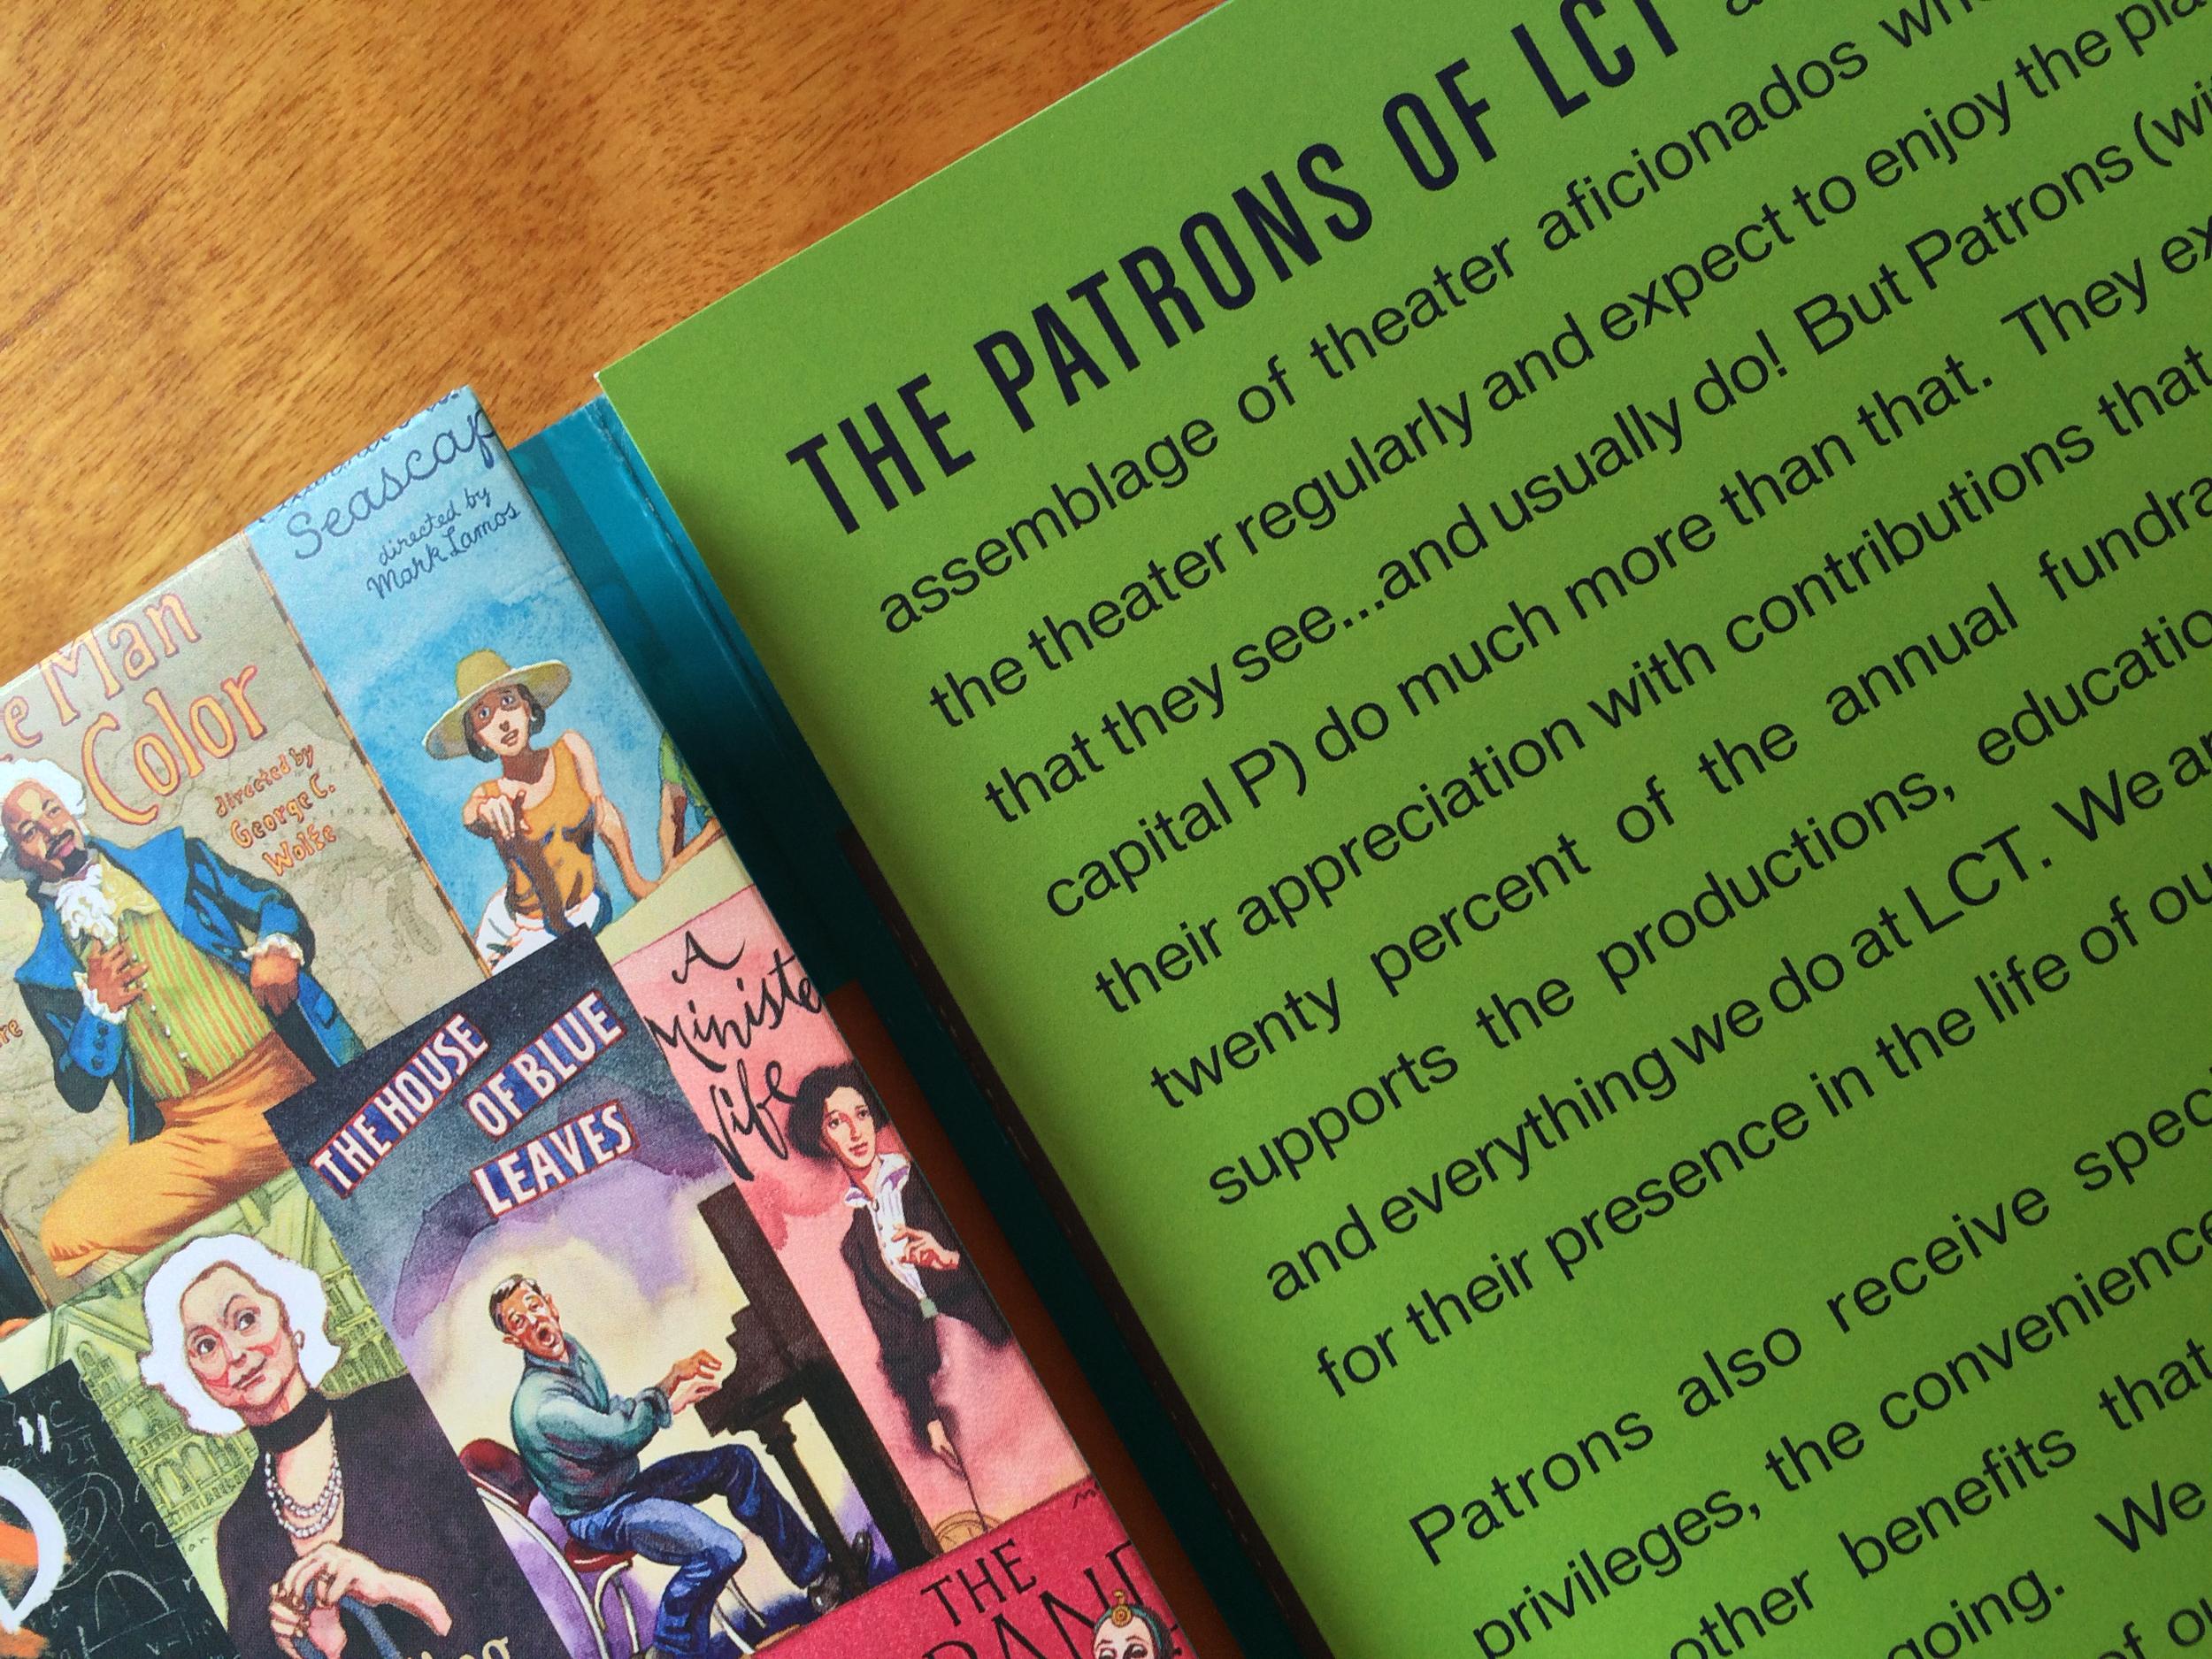 Brochure_LCT_PatronPackage_3.jpg